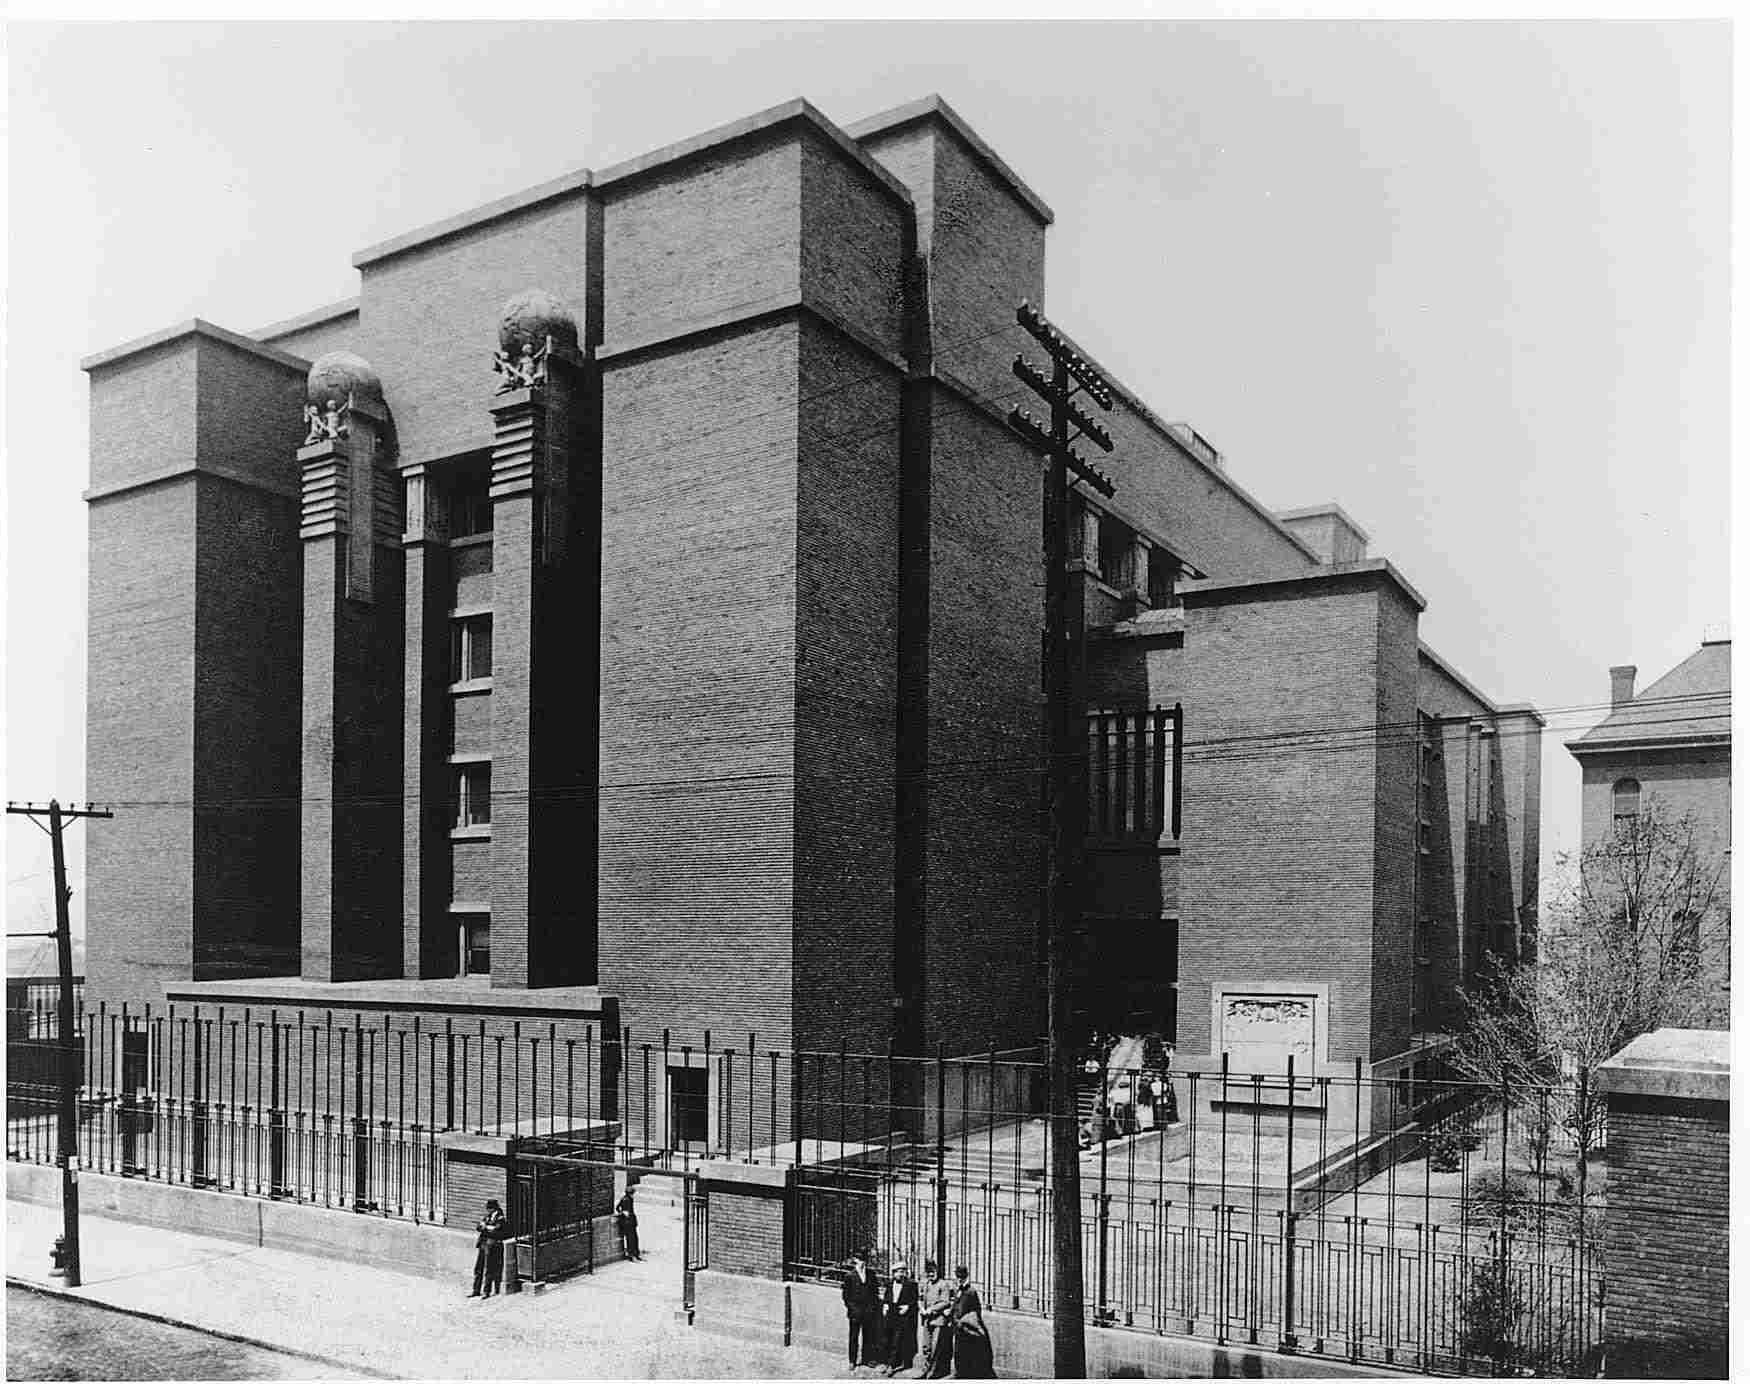 Larkin Company Administration Building in Buffalo, NY